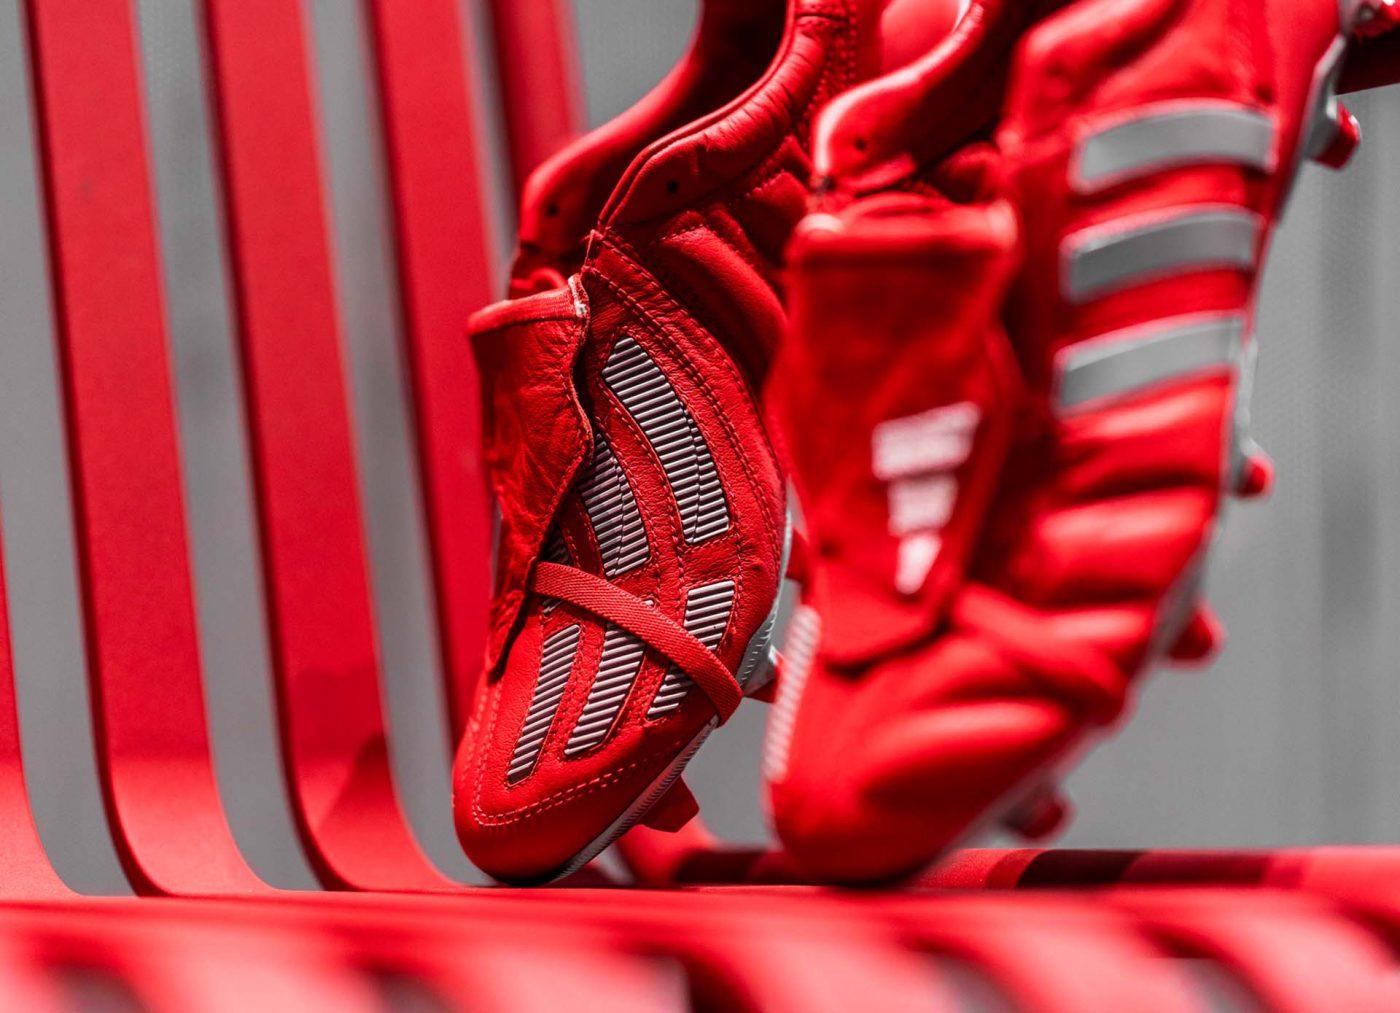 chaussures-foot-adidas-predator-mania-rouge-footpack-1